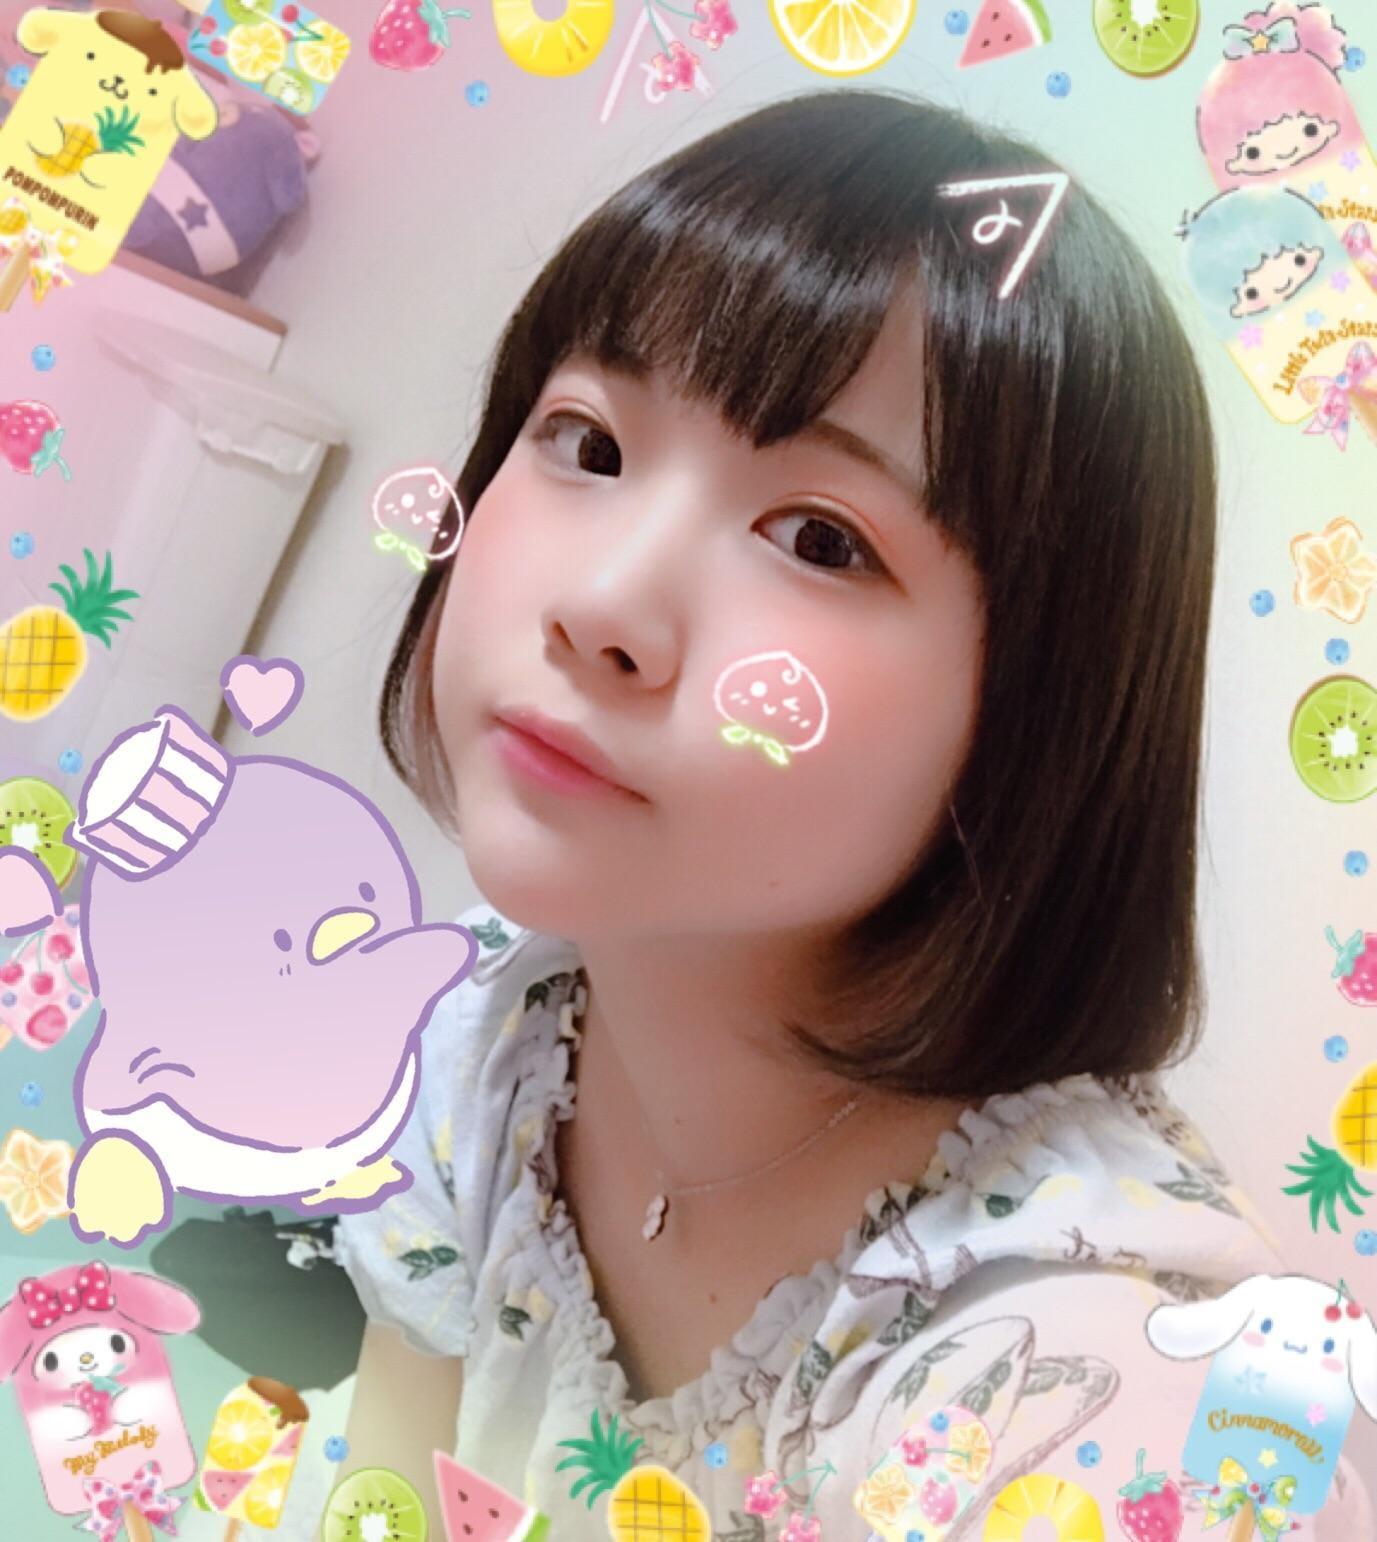 「20時から!」08/18(土) 18:36   みわの写メ・風俗動画